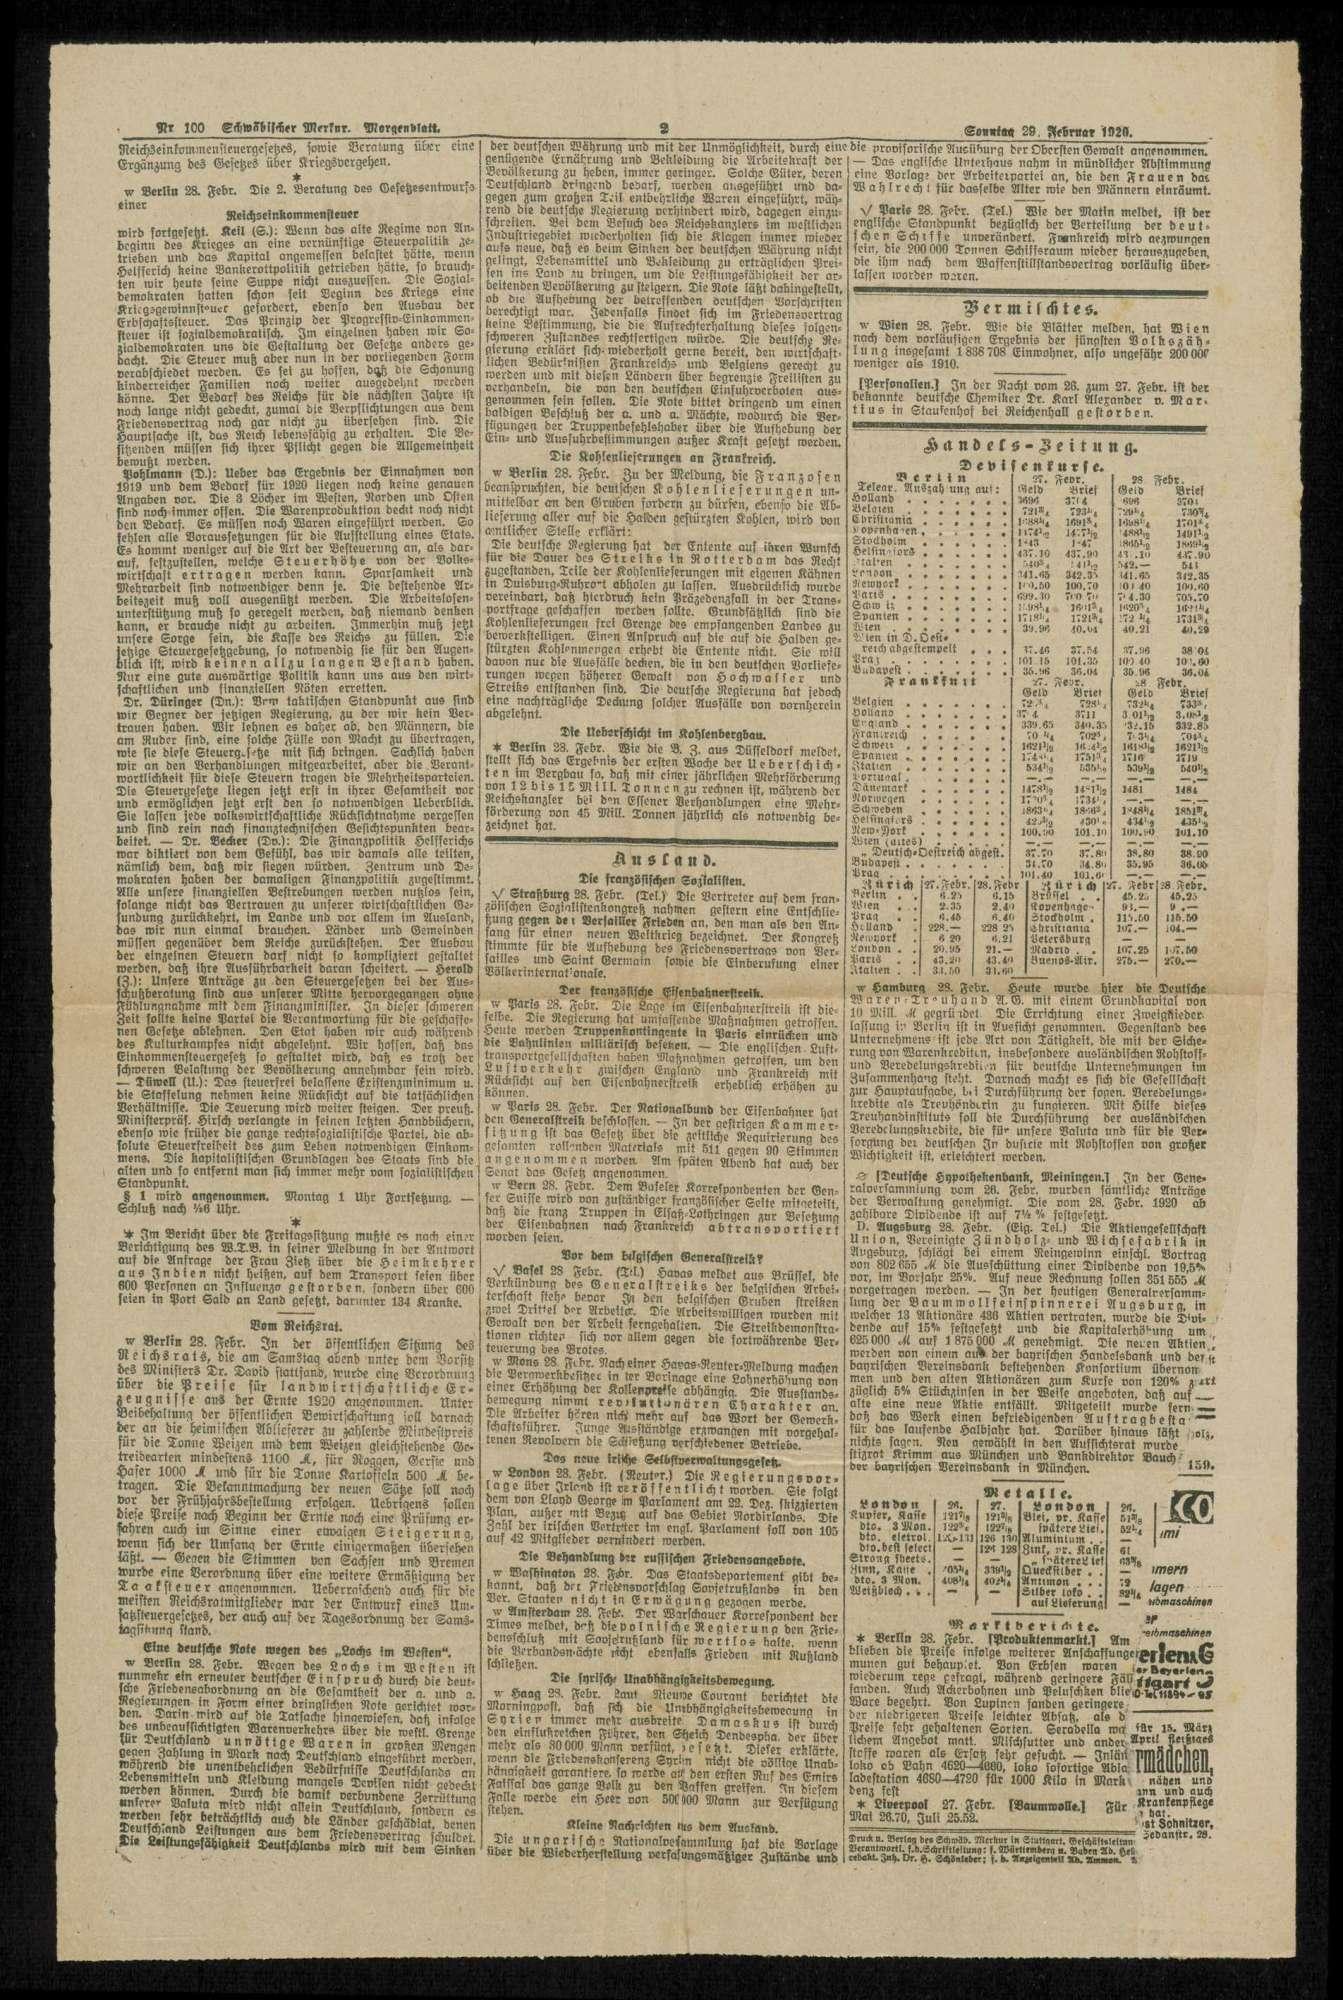 Der U-Boot-Krieg und der Kriegseintritt Amerikas. Zu den Erinnerungen an Tirpitz. Zeitungsartikel, Bild 2